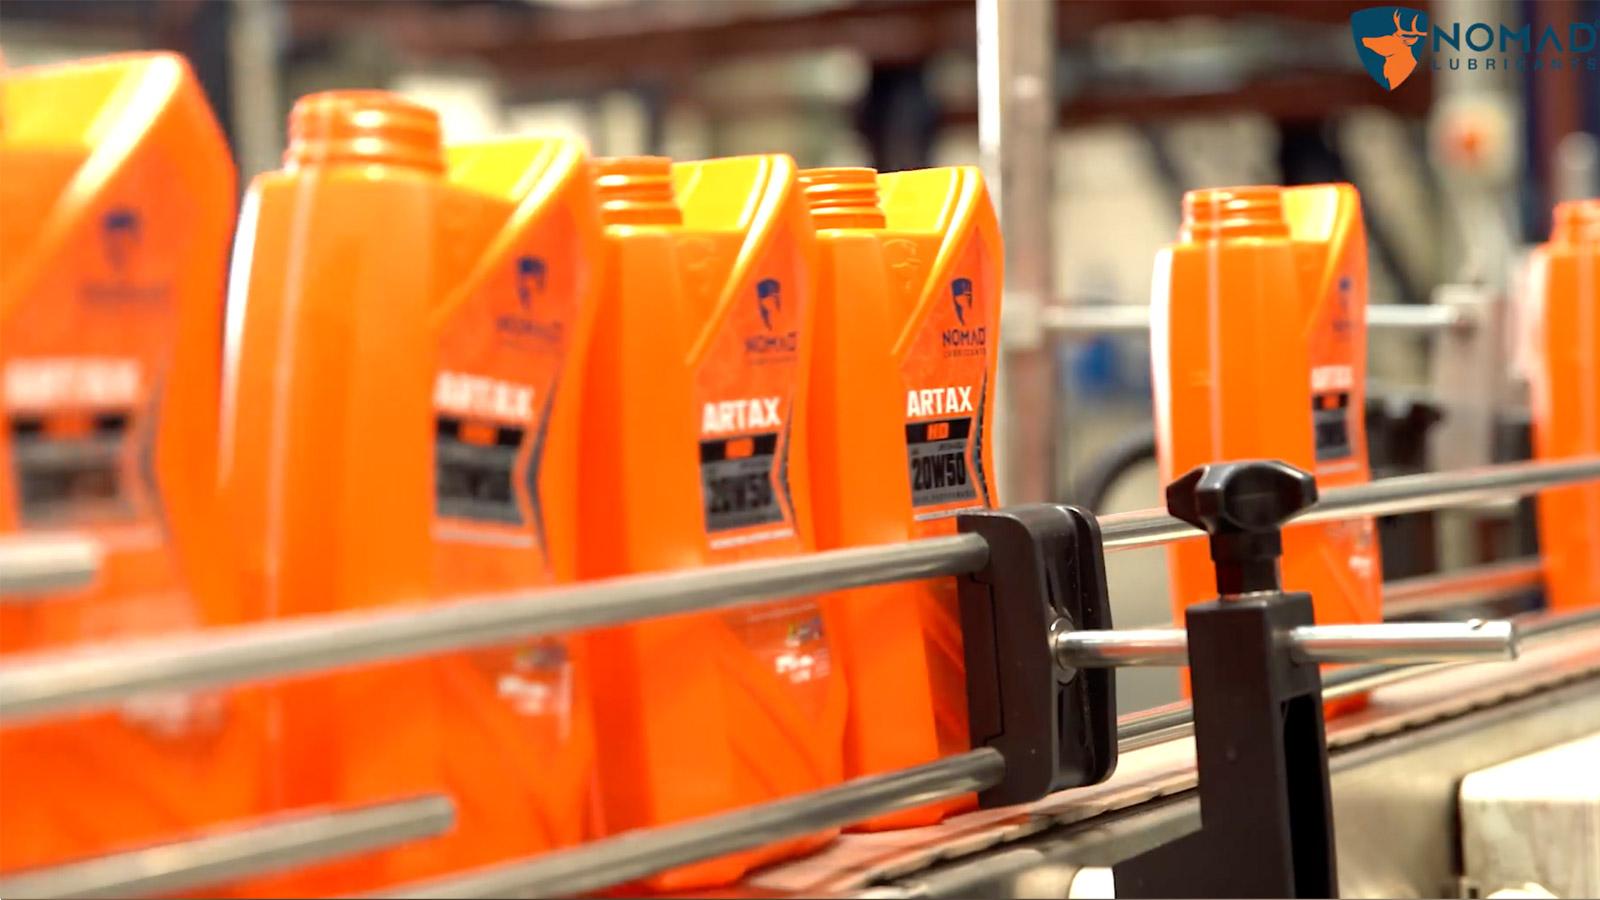 Nhà máy NOMAD LUBRICANTS tại Dubai.